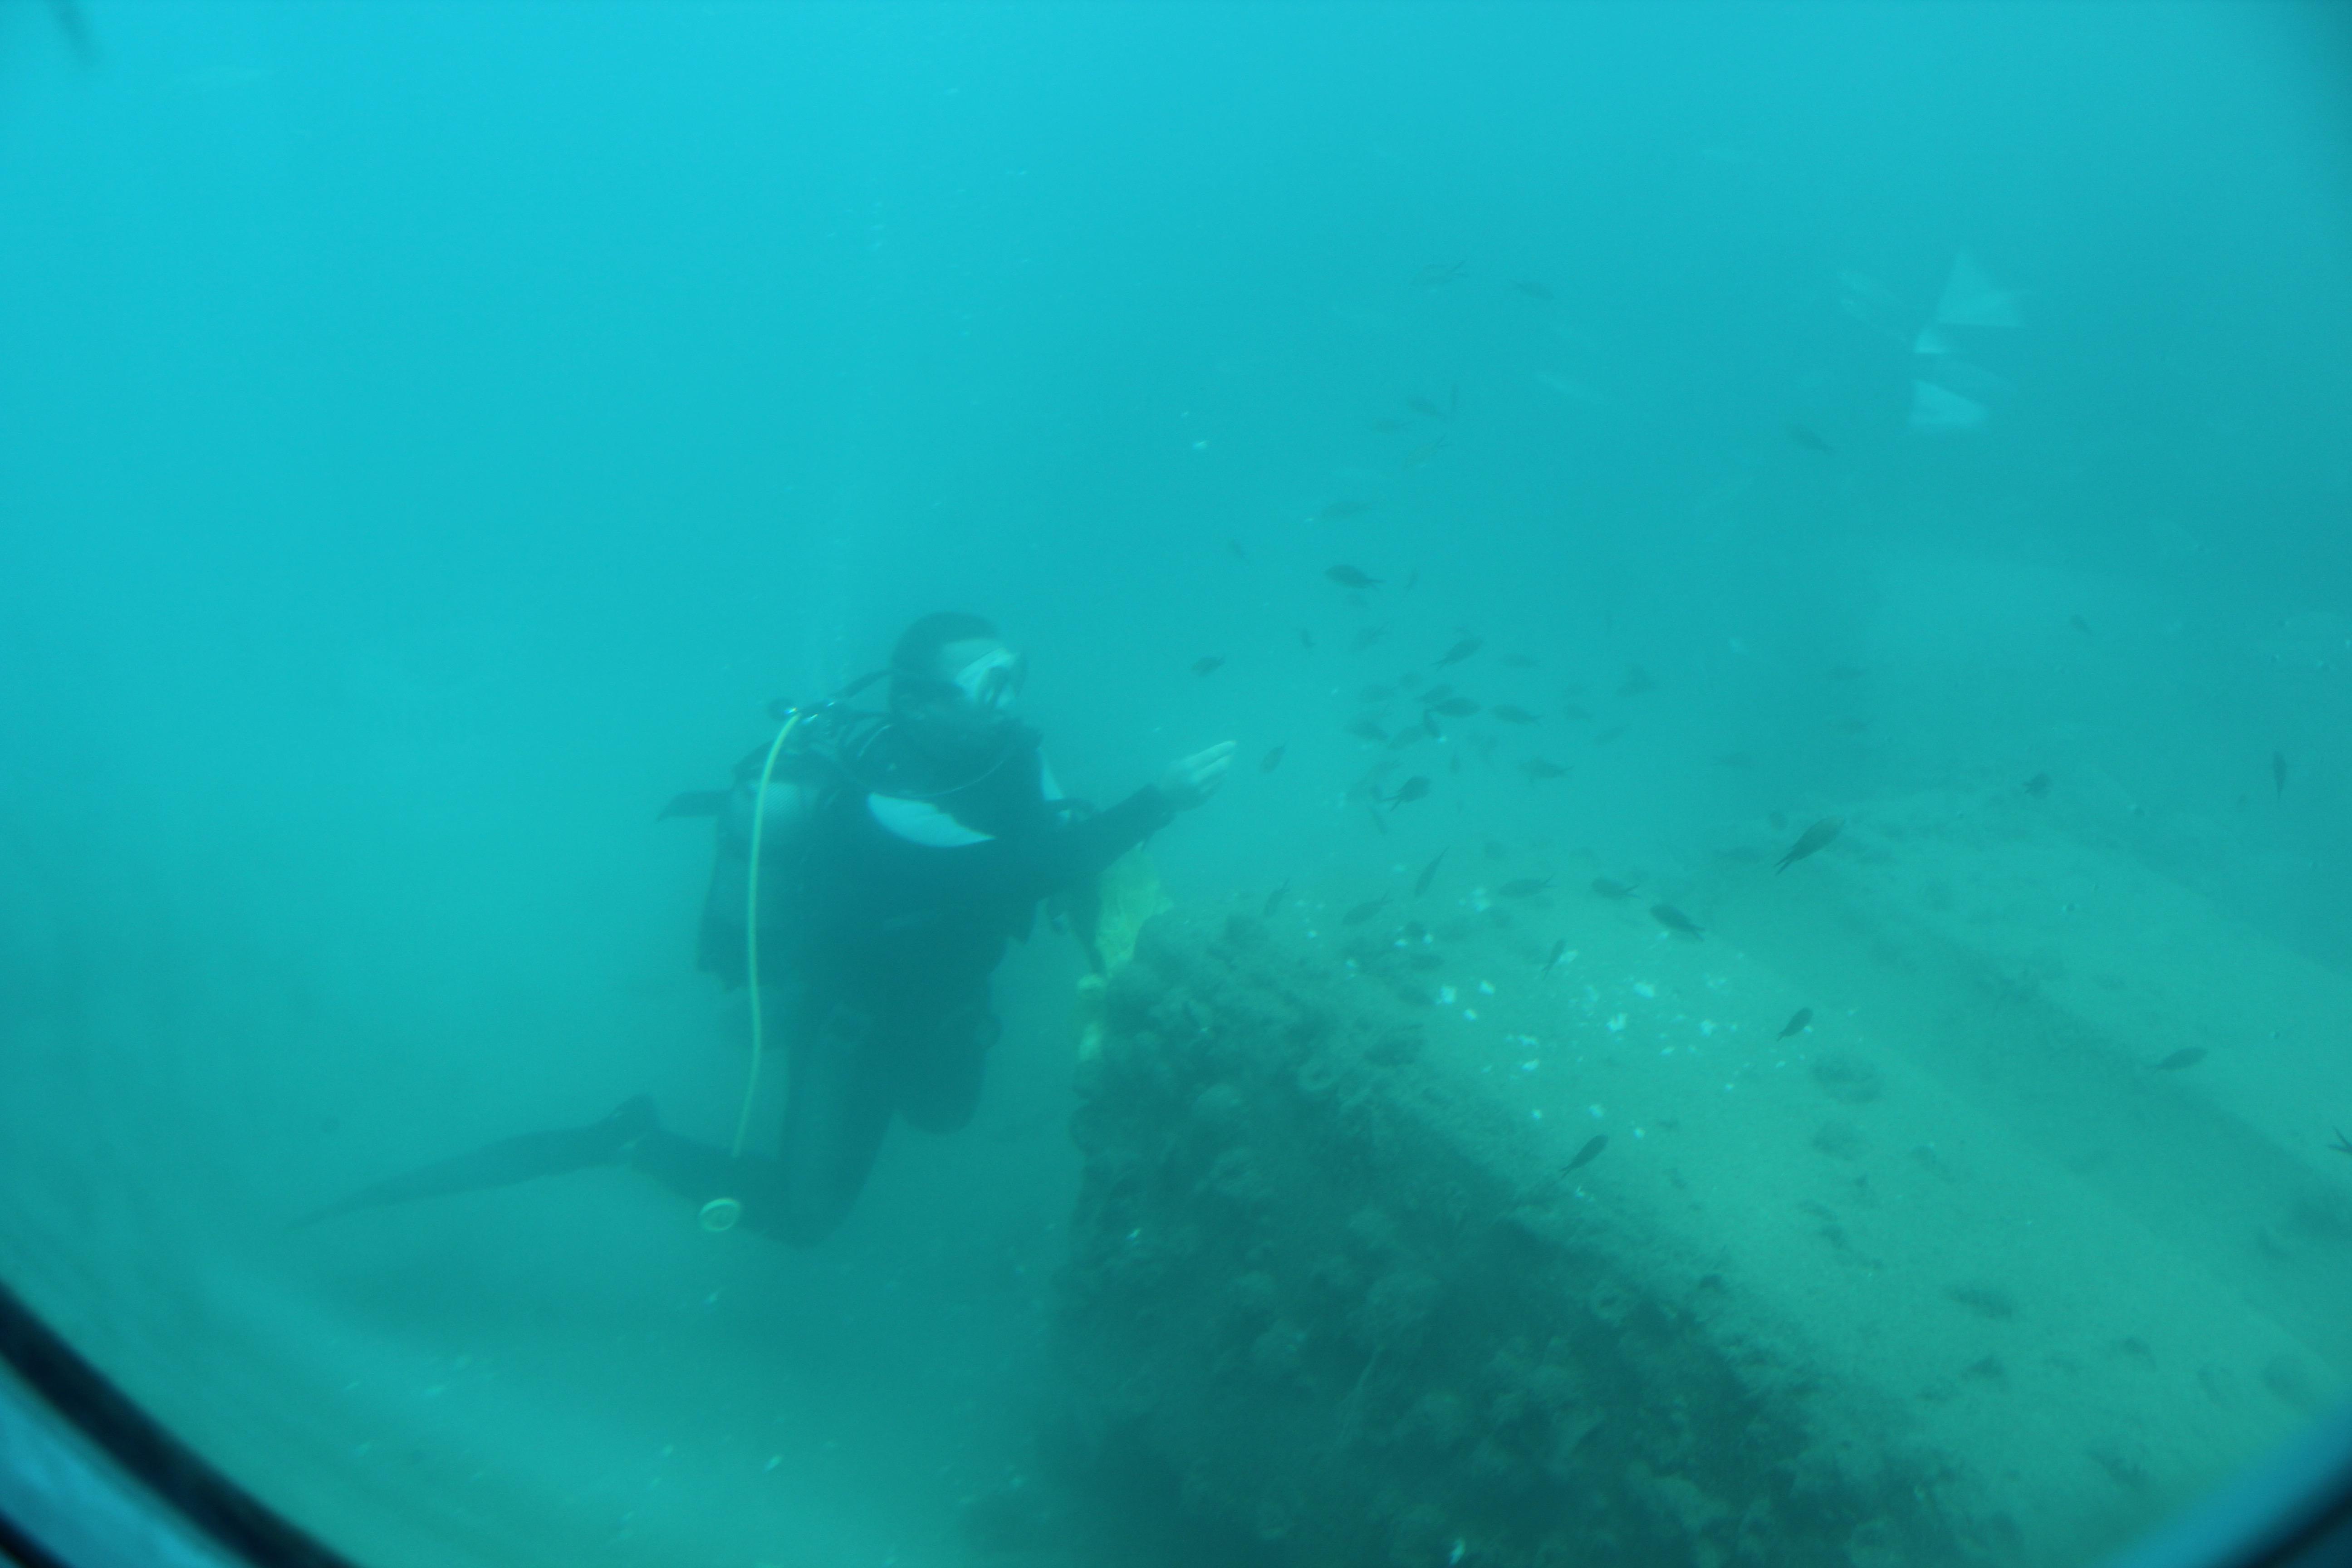 ubåd alanya, alanyas ubåd, nemo ubåd, ubåden nemo